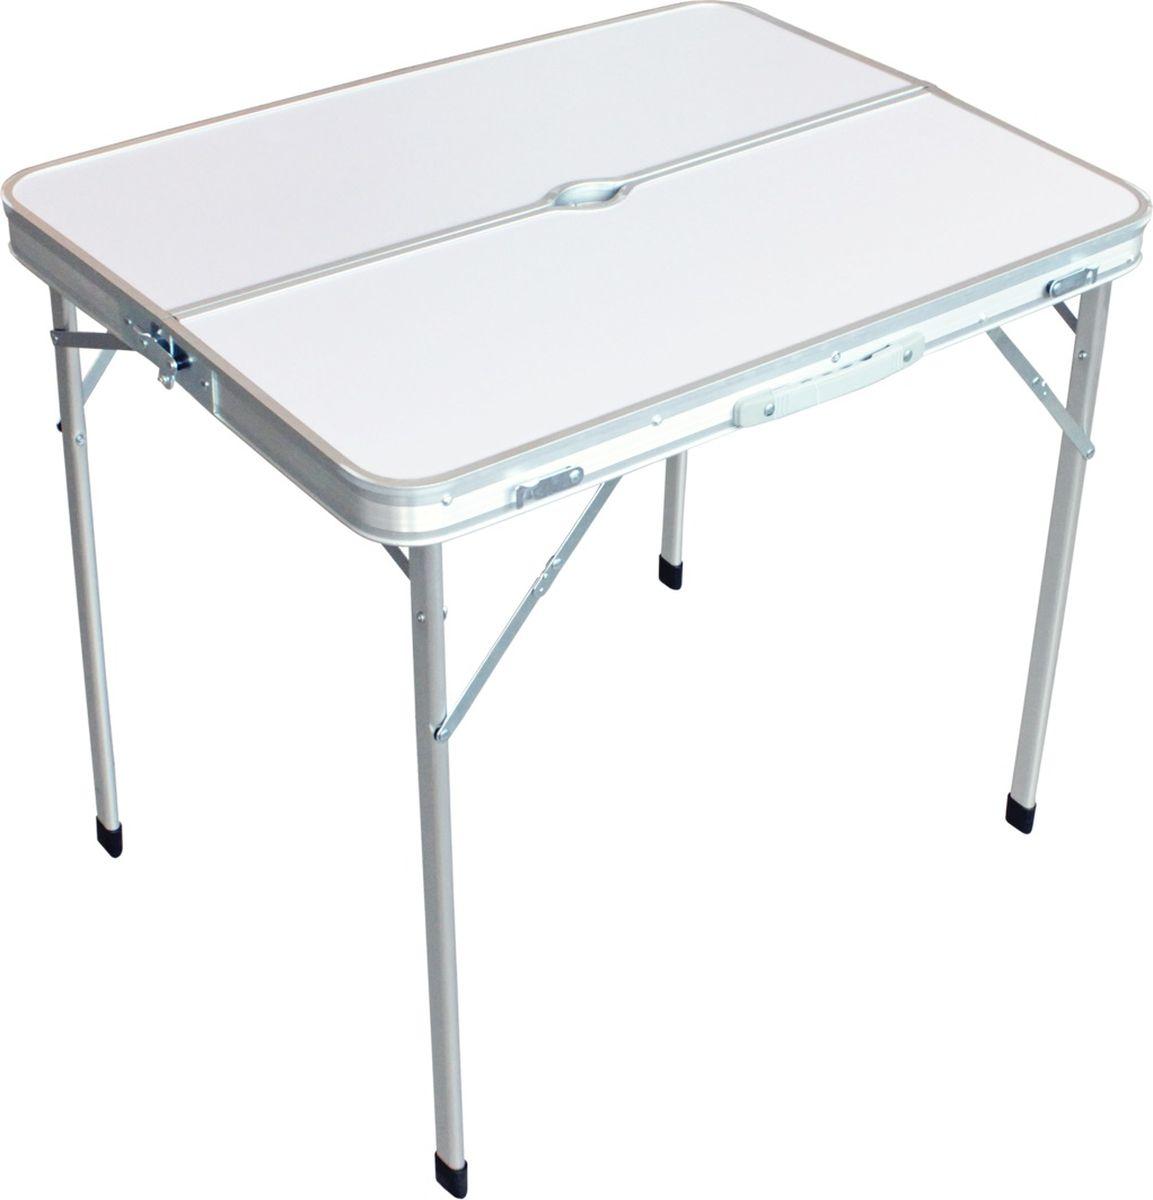 Стол складной Woodland Picnic Table Luxe, цвет: белый, 80 x 60 x 67 см313161Модель: Picnic Table UС отверстием под зонт.Материалы: АлюминийМДФРАЗМЕР: 120 x 60 x 67 см.ВЕС: 3,2 кг.Компактная складная конструкция. Прочный алюминиевый каркас. Материал столешницы - МДФ. Удобная ручка для переноски. Максимально допустимая нагрузка 30 кг.